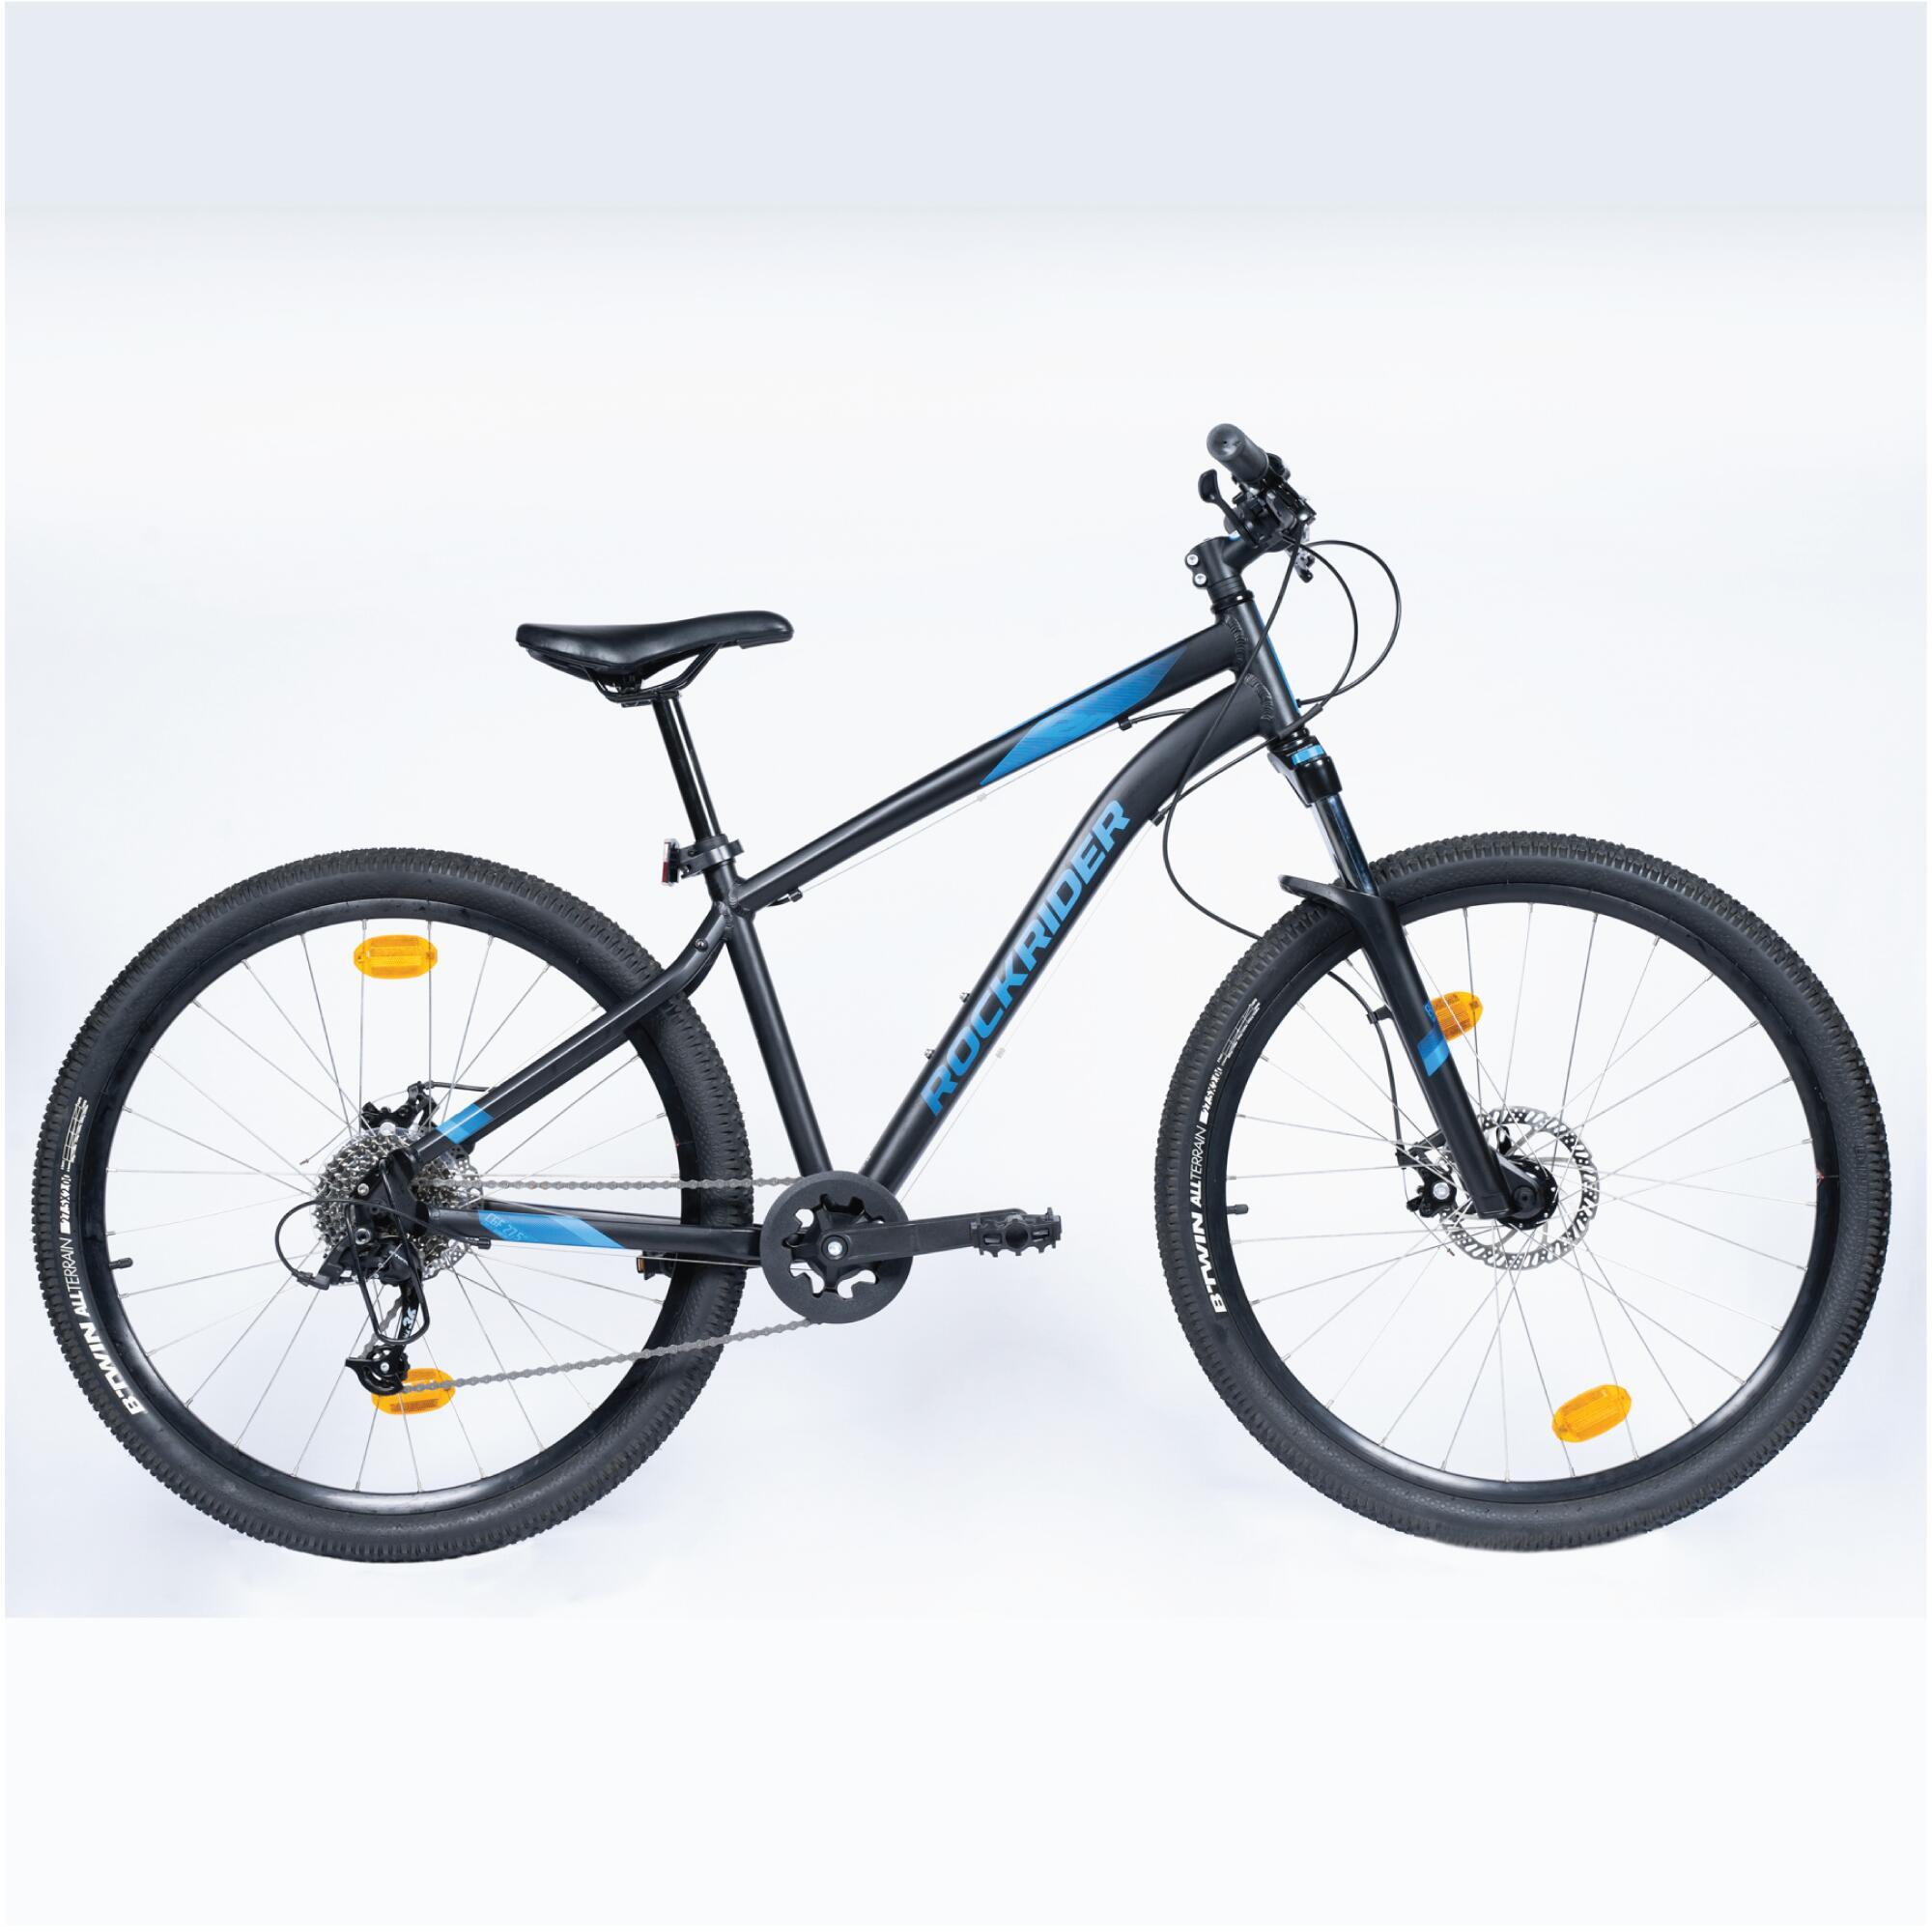 ROCKRIDER ST120 27.5_QUOTE_ MOUNTAIN BIKE- BLACK/BLUE